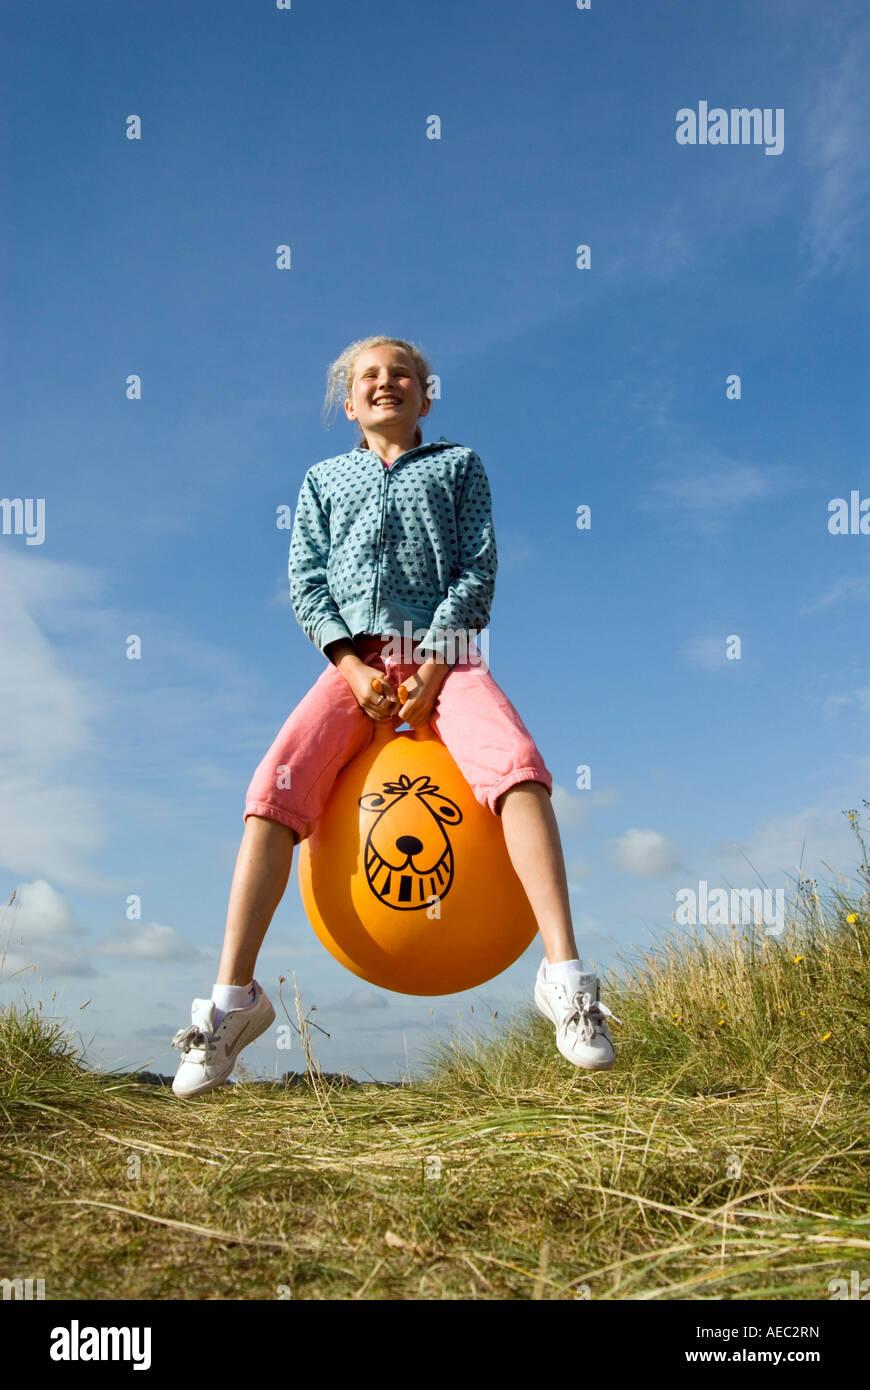 Junges Mädchen hüpfen auf einem Space Hopper, England UK Stockfoto